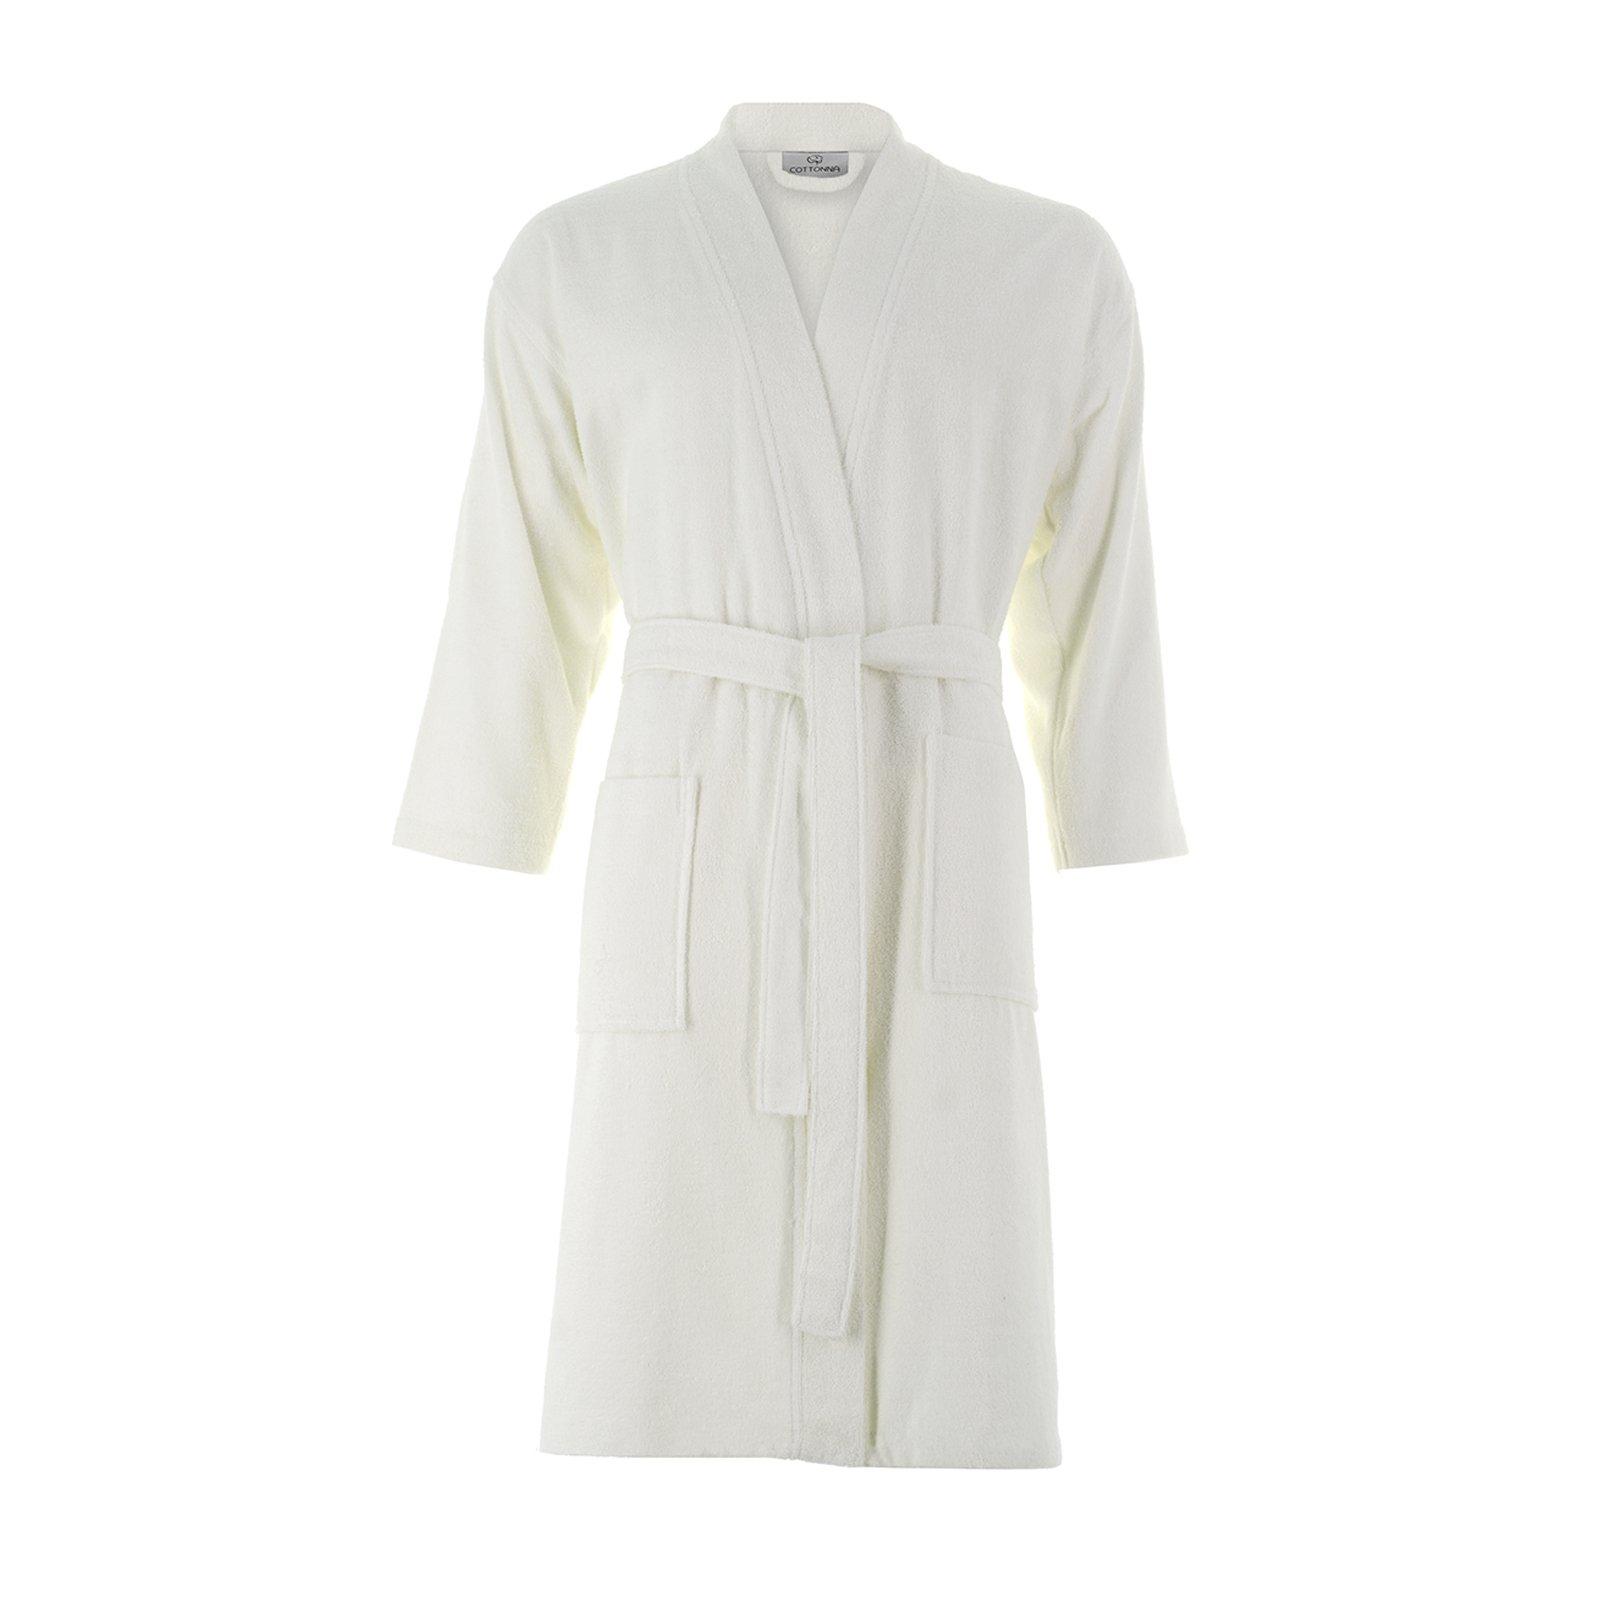 Cottonna 100% Turkish Cotton Bathrobe - Kimono Style - Knee Length - Terry Cloth Robe (Small, White)